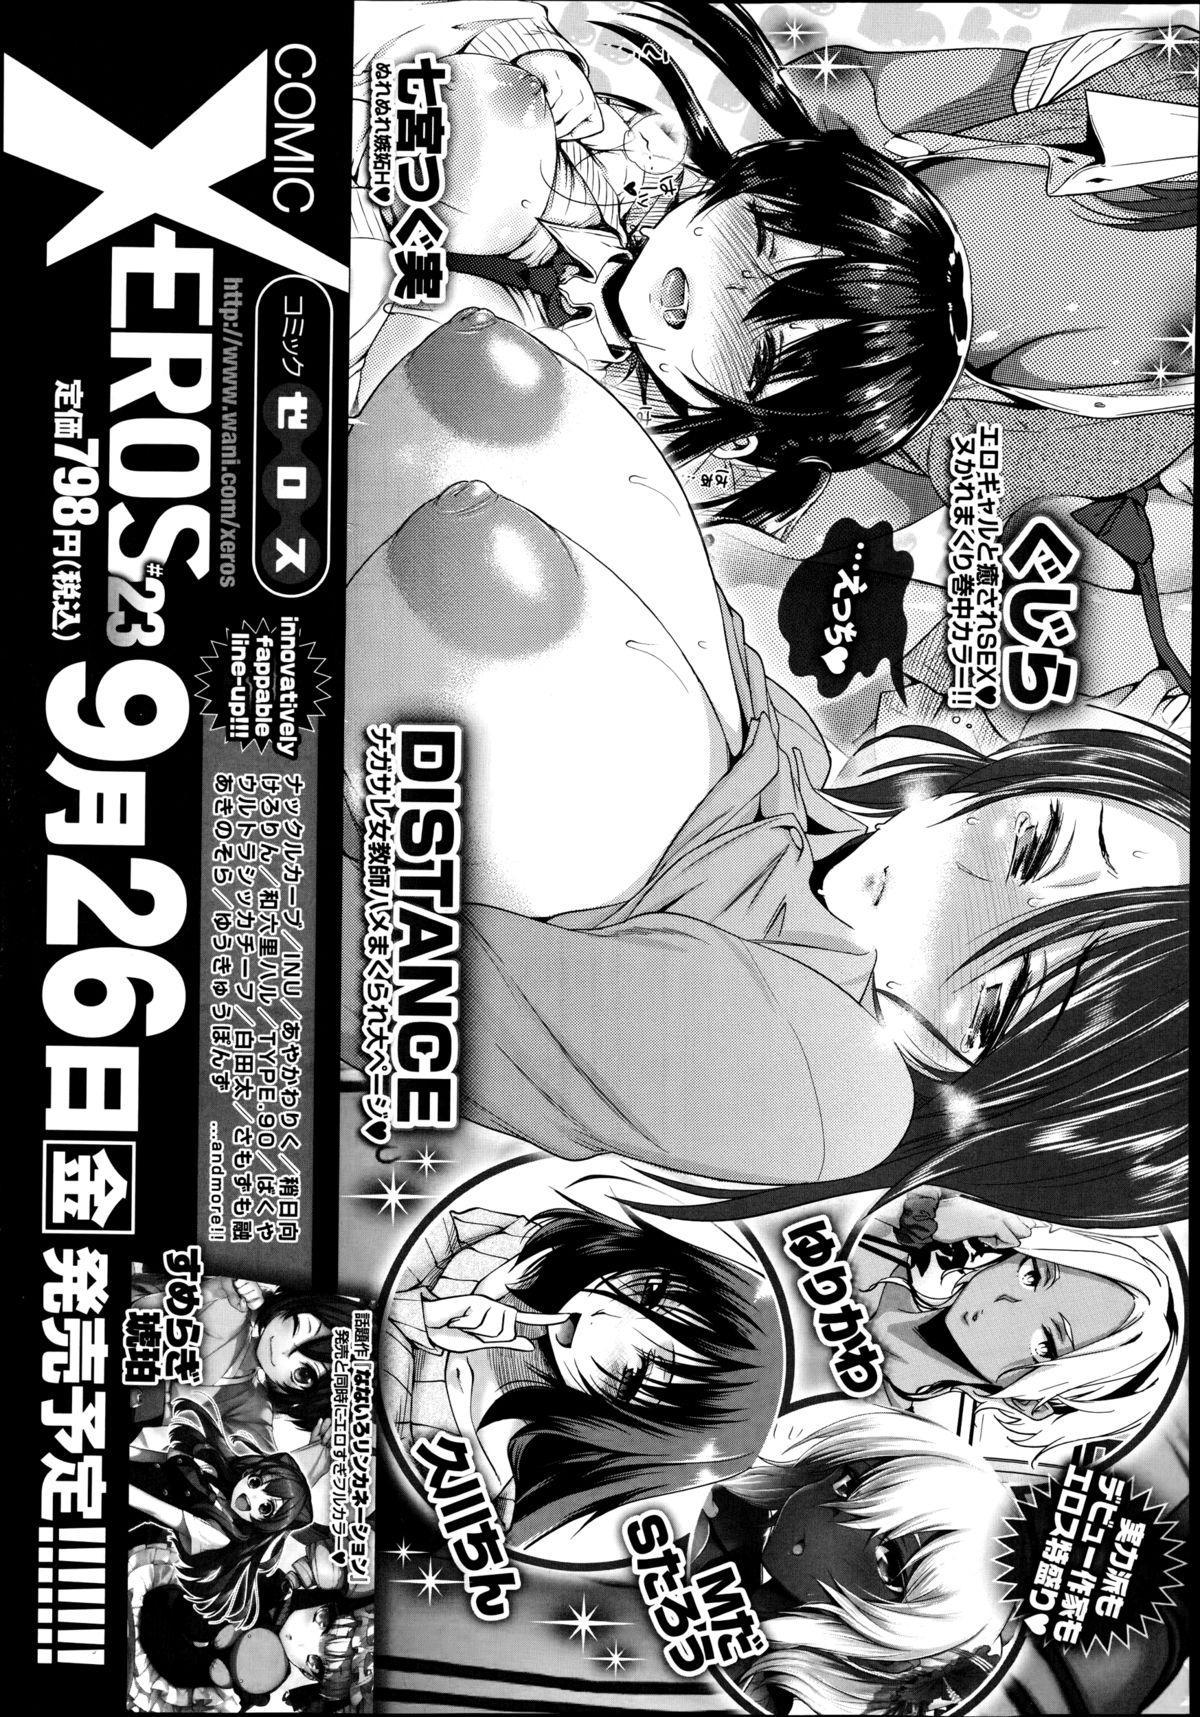 COMIC X-EROS #22 2014-10 481